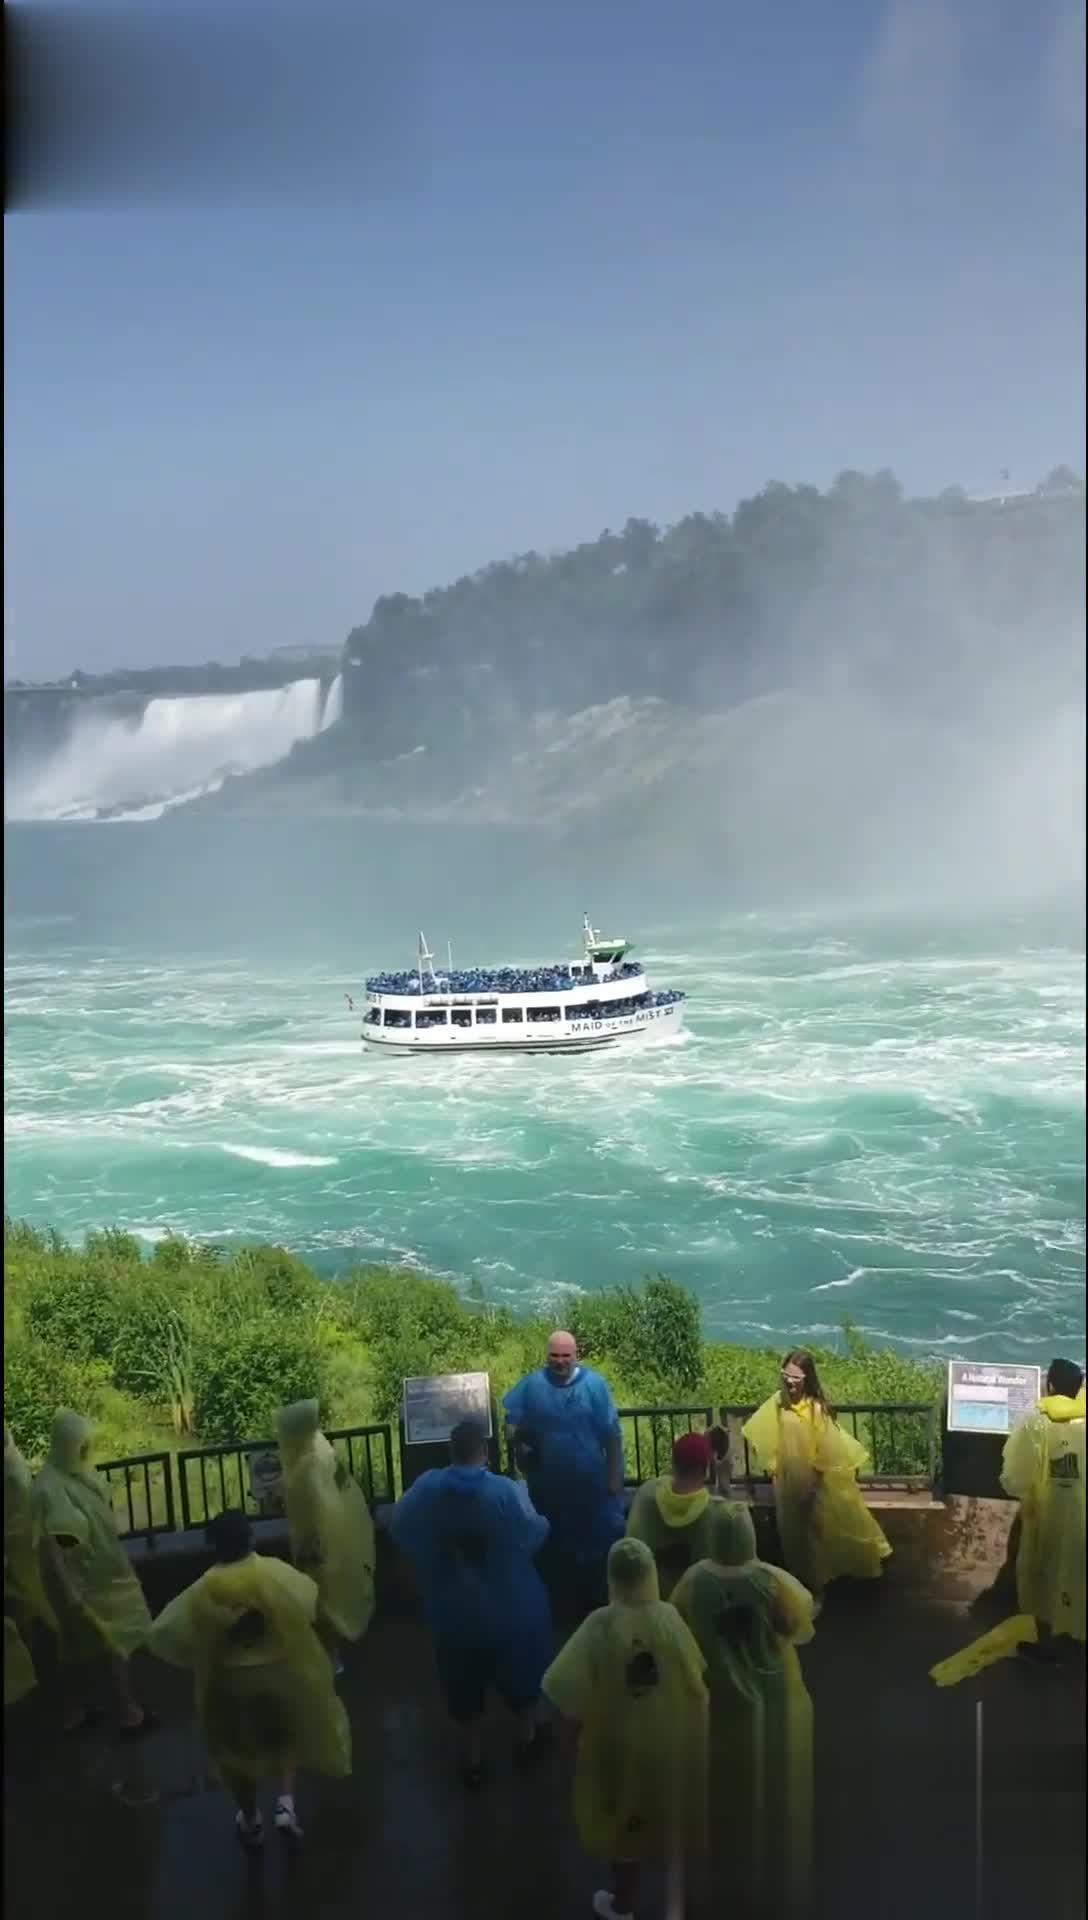 famous water falls 💦 - @ subeckshabanstola @ subeckshabanstola - ShareChat